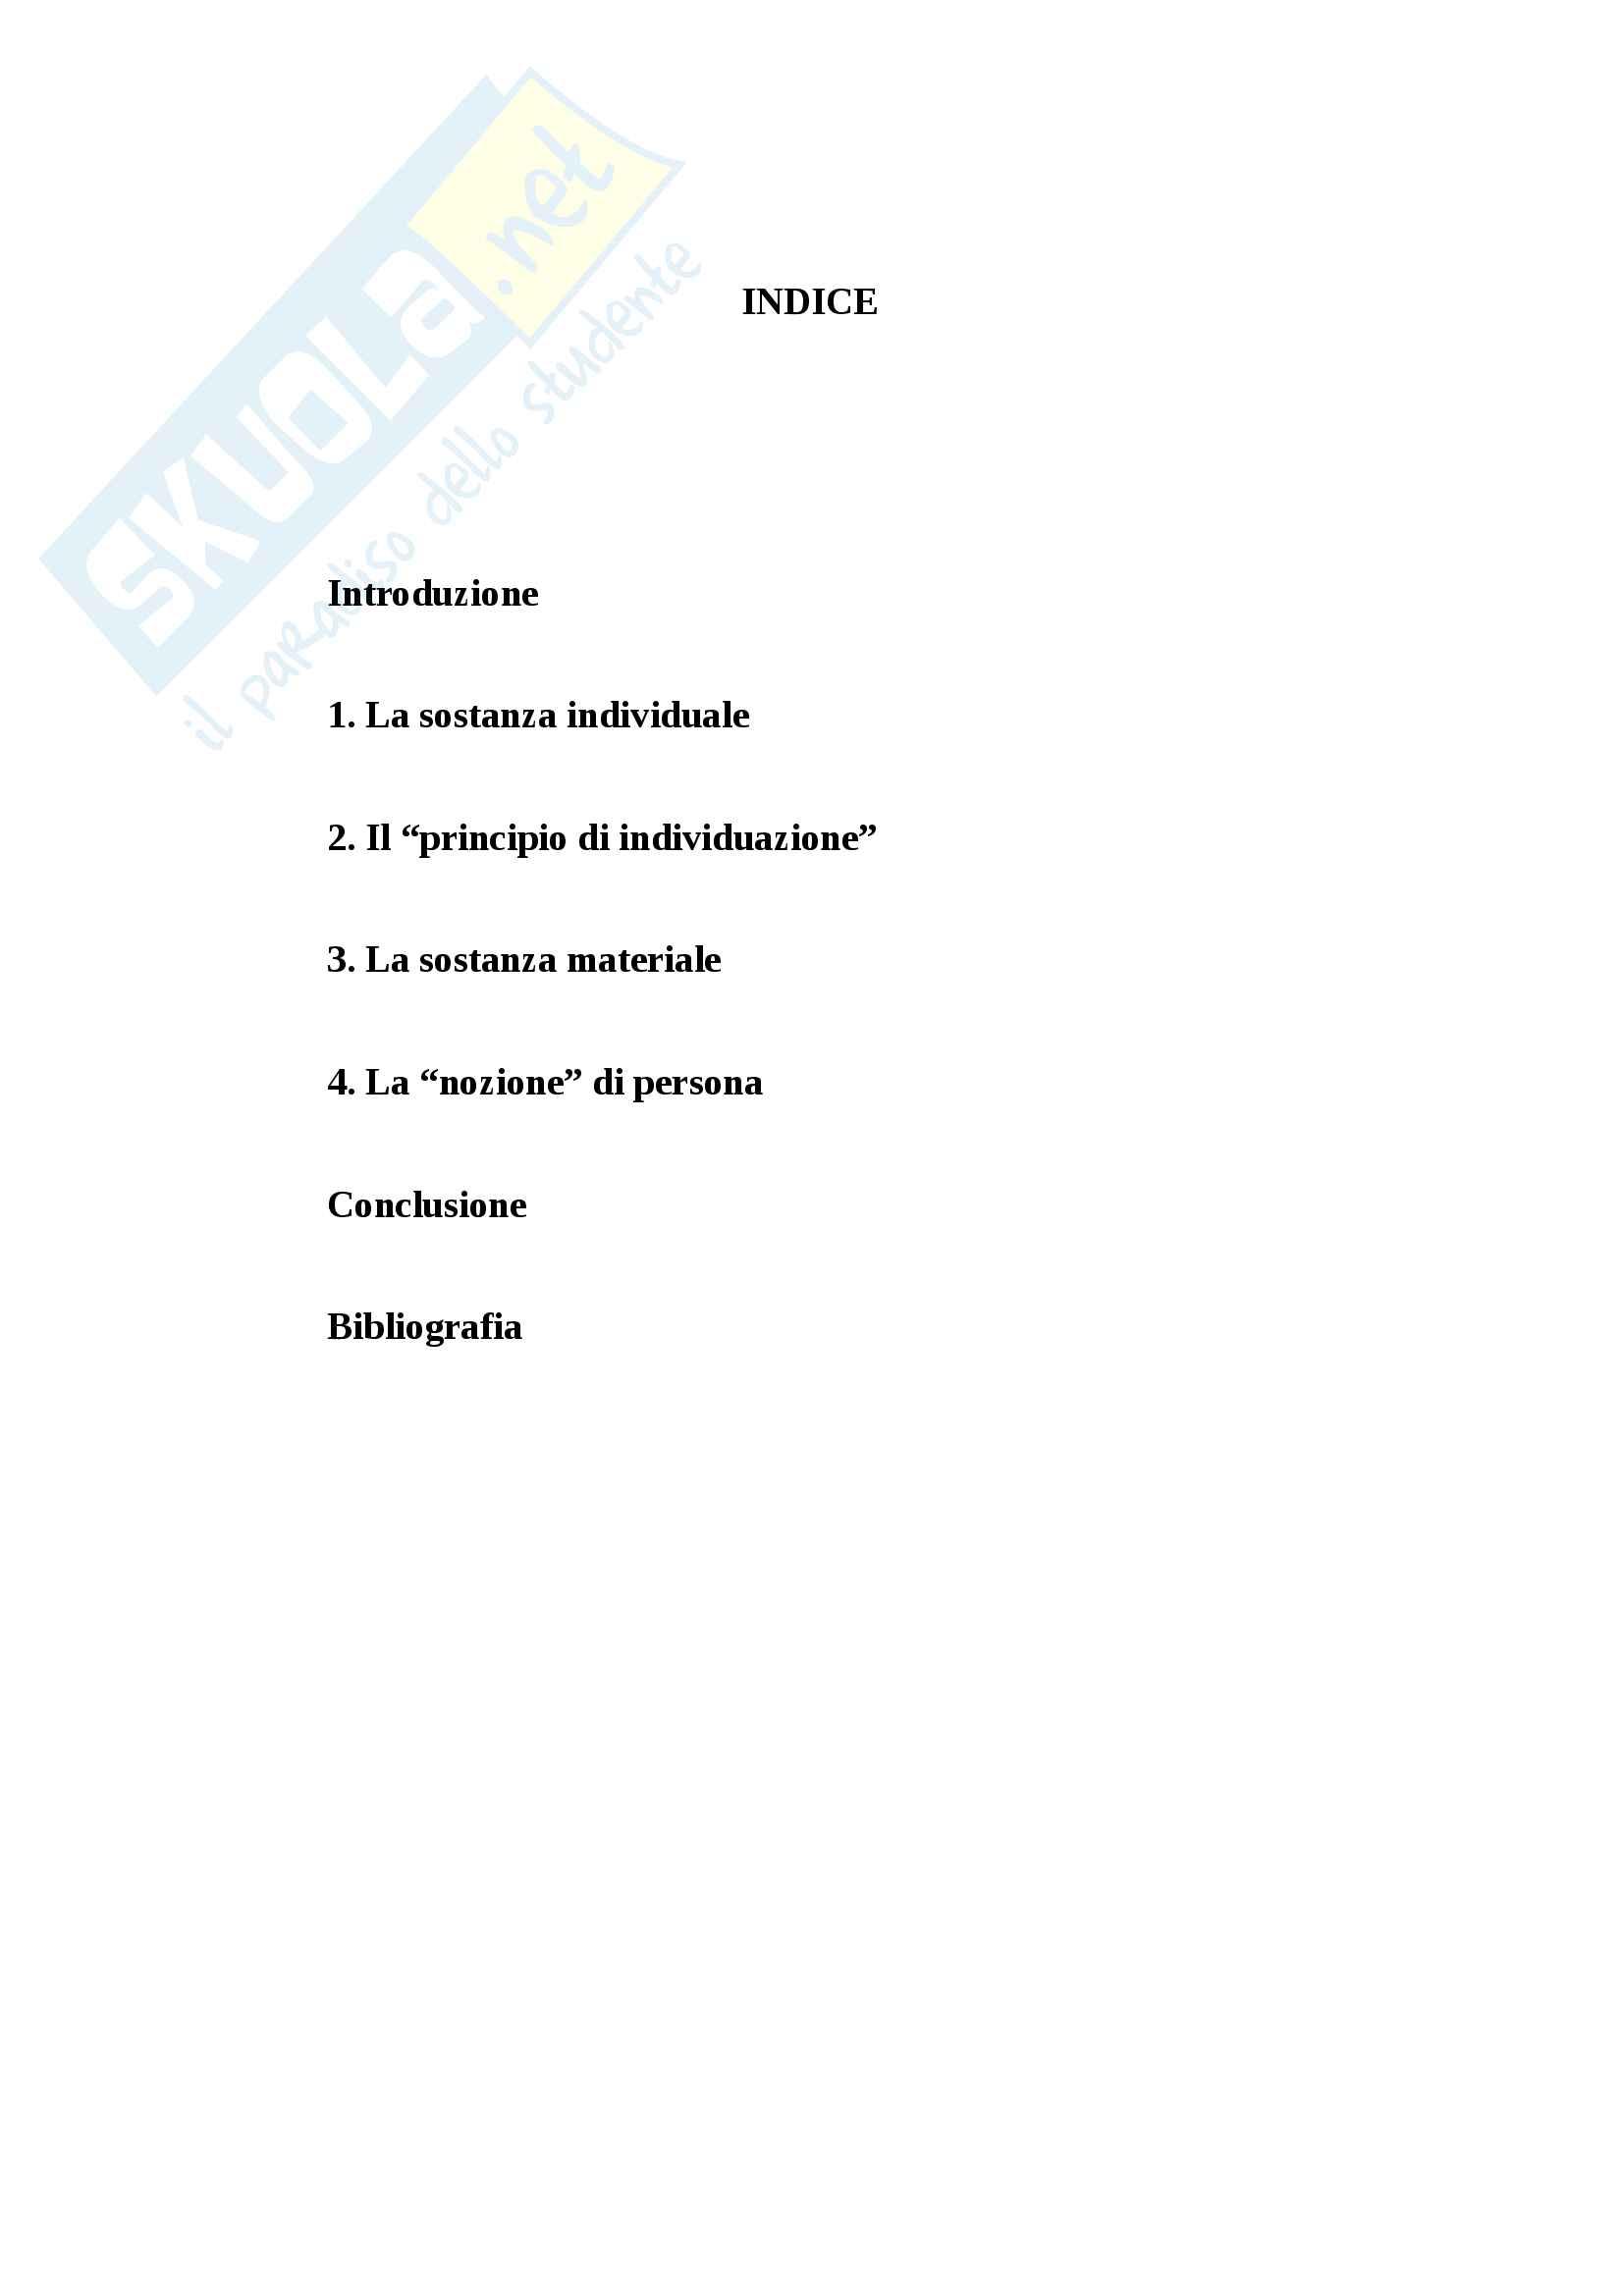 Principio di individuazione della sostanza materiale e la nozione di persona Pag. 2